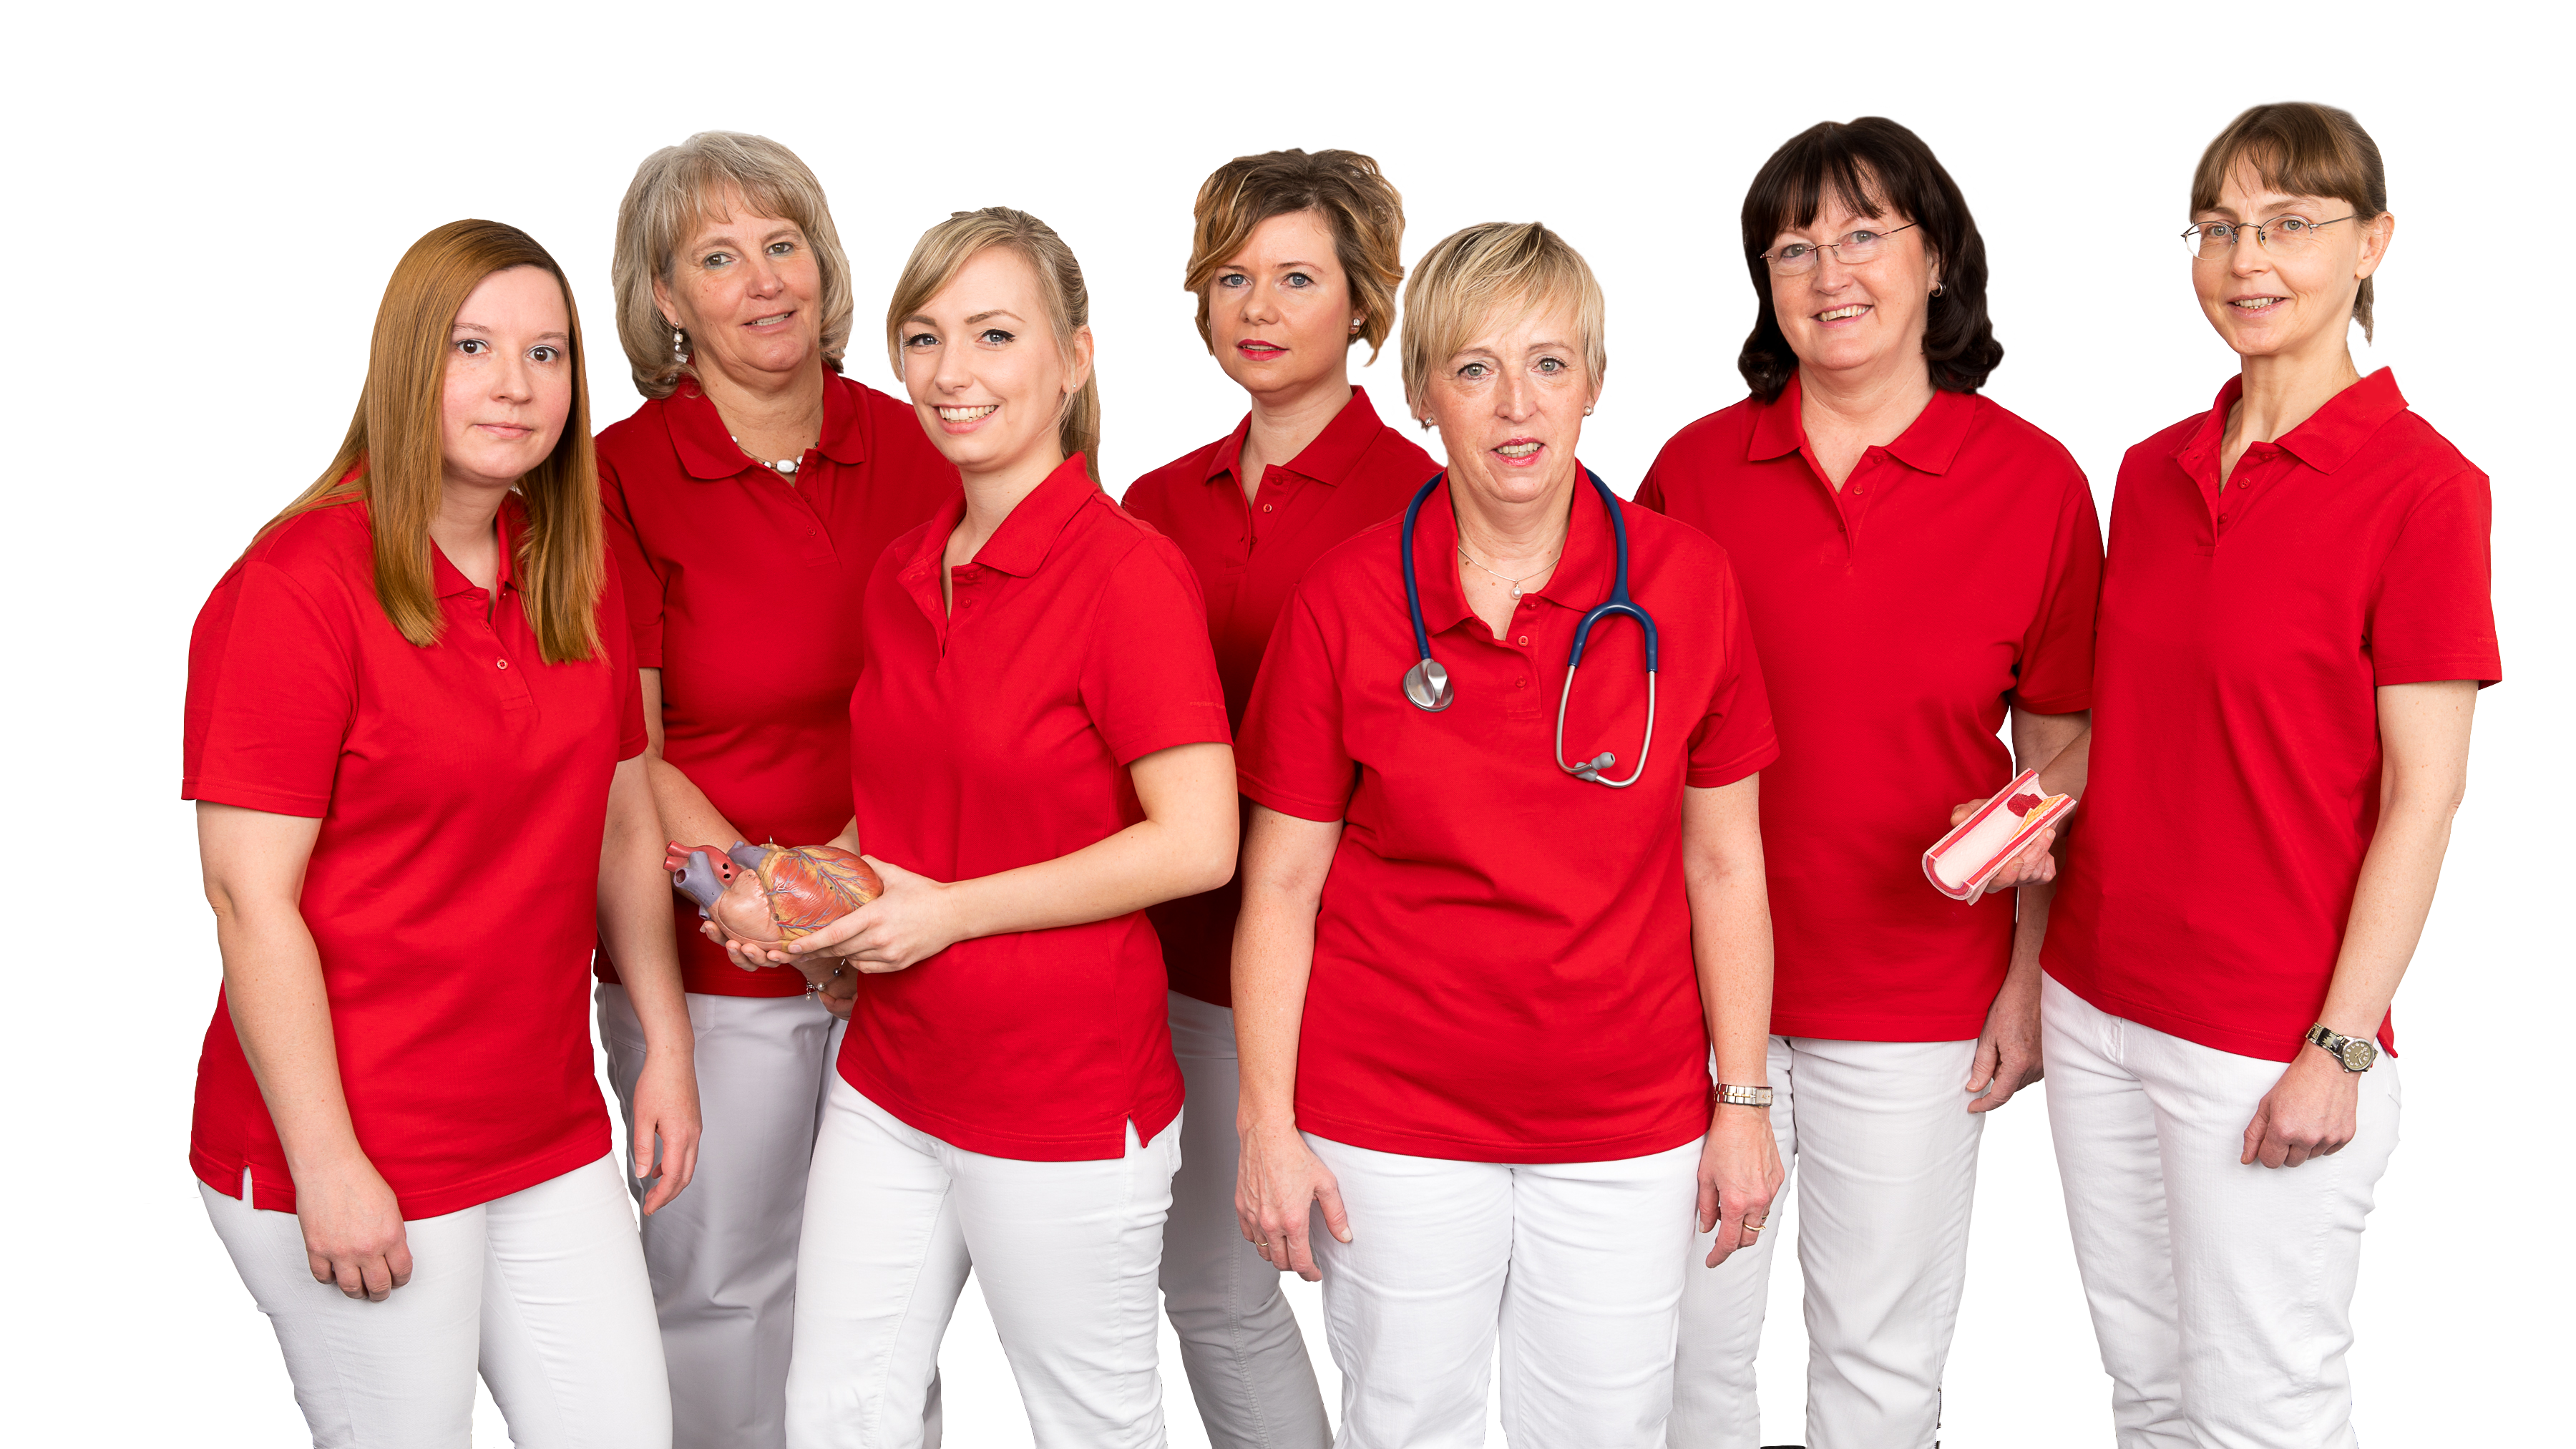 Unser Team Petra, Ines, Jennifer, Doreen, Liane, Kerstin & Esther.